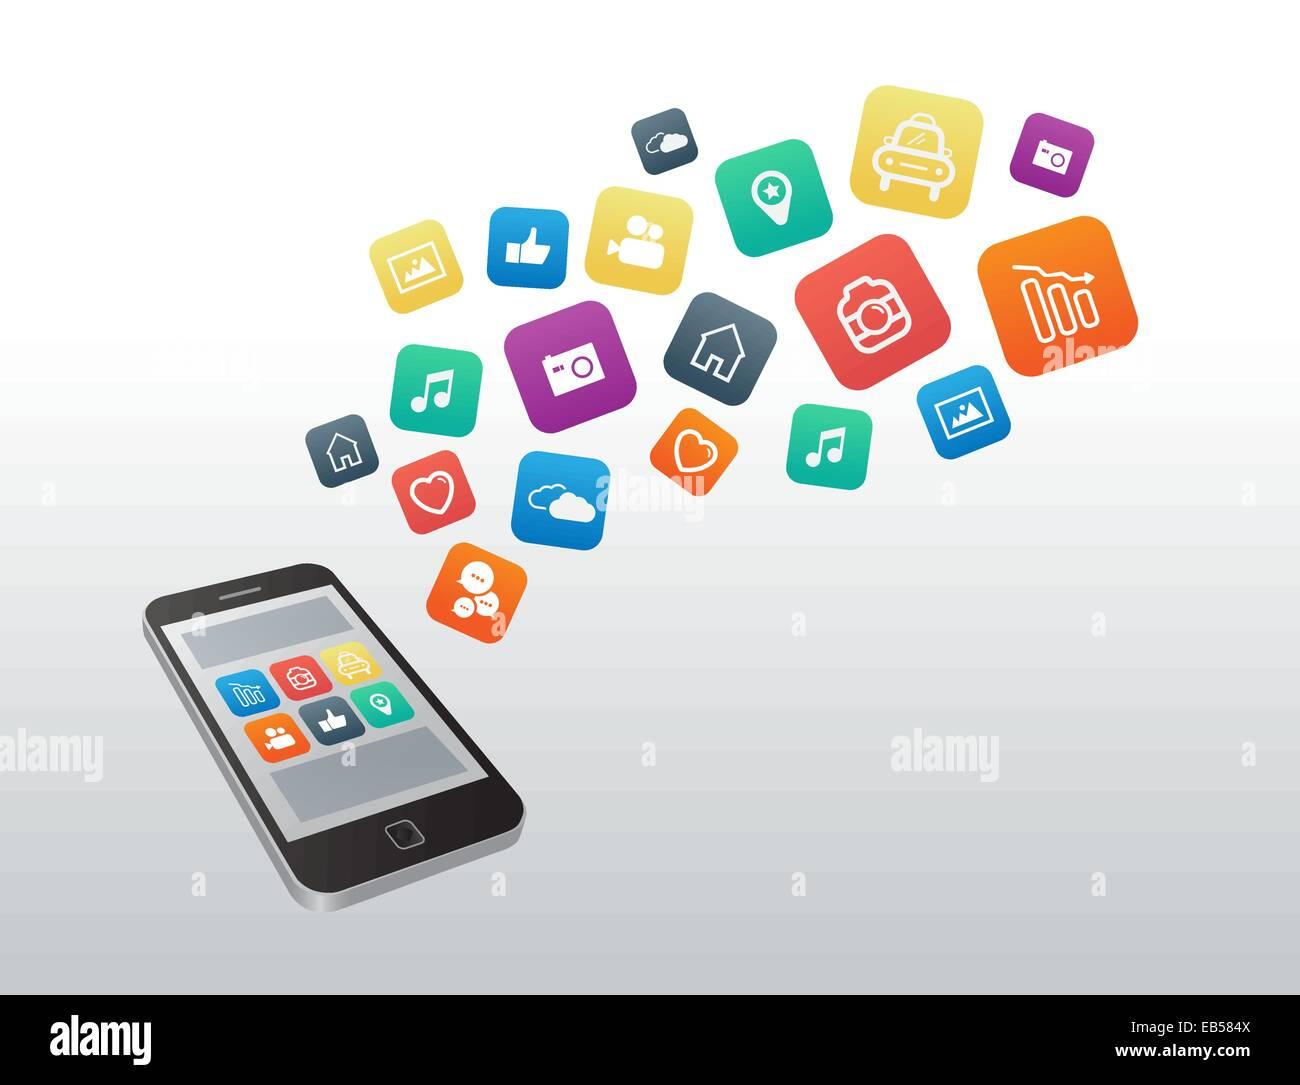 Les icônes des applications du smartphone flottante Photo Stock